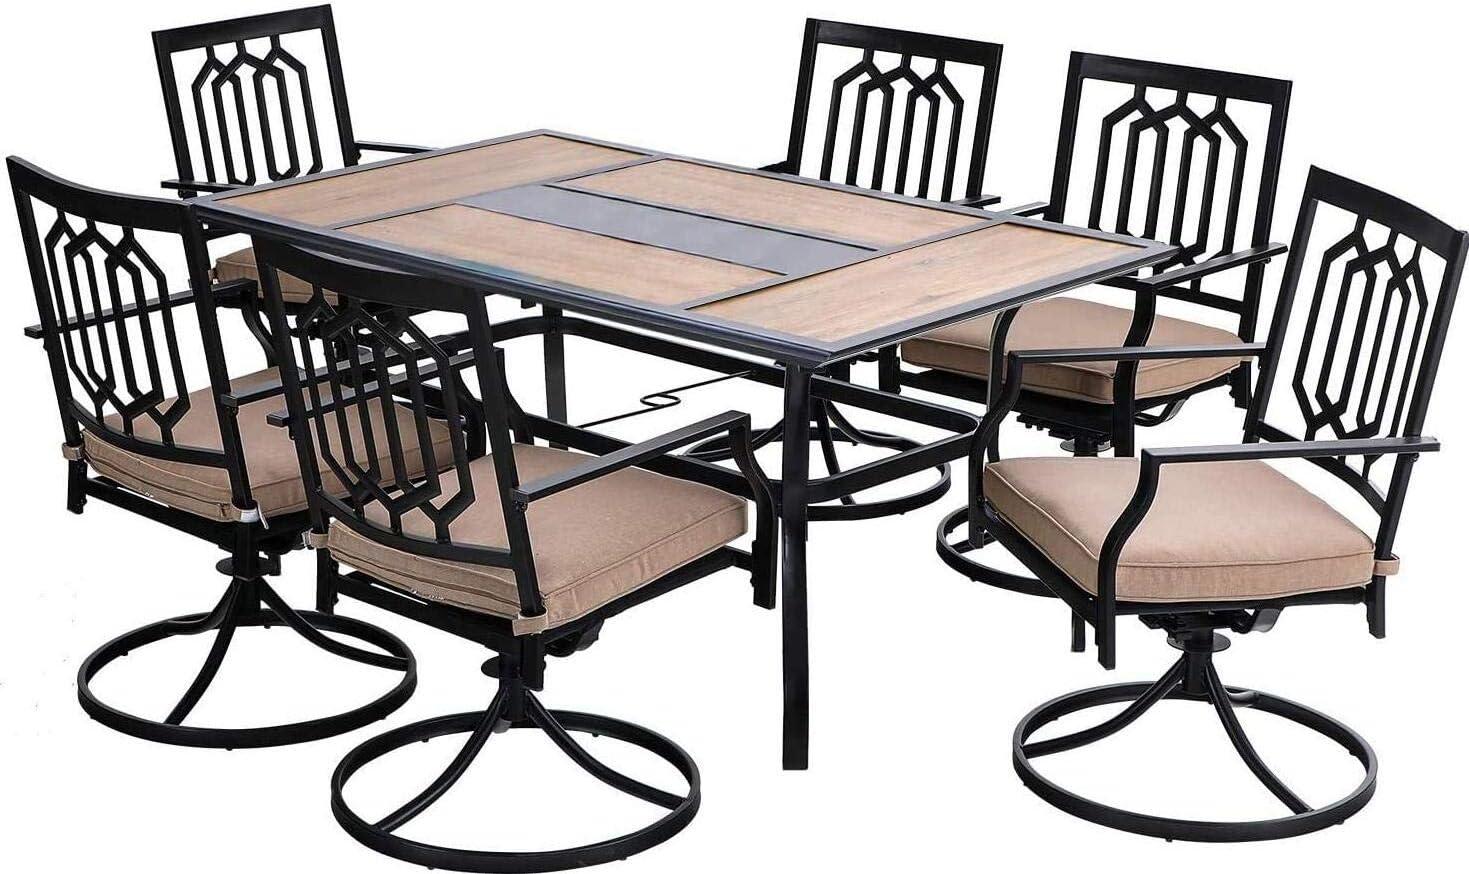 PHI VILLA 7-Piece Outdoor Furniture Dining Set, 1 Rectangle 60